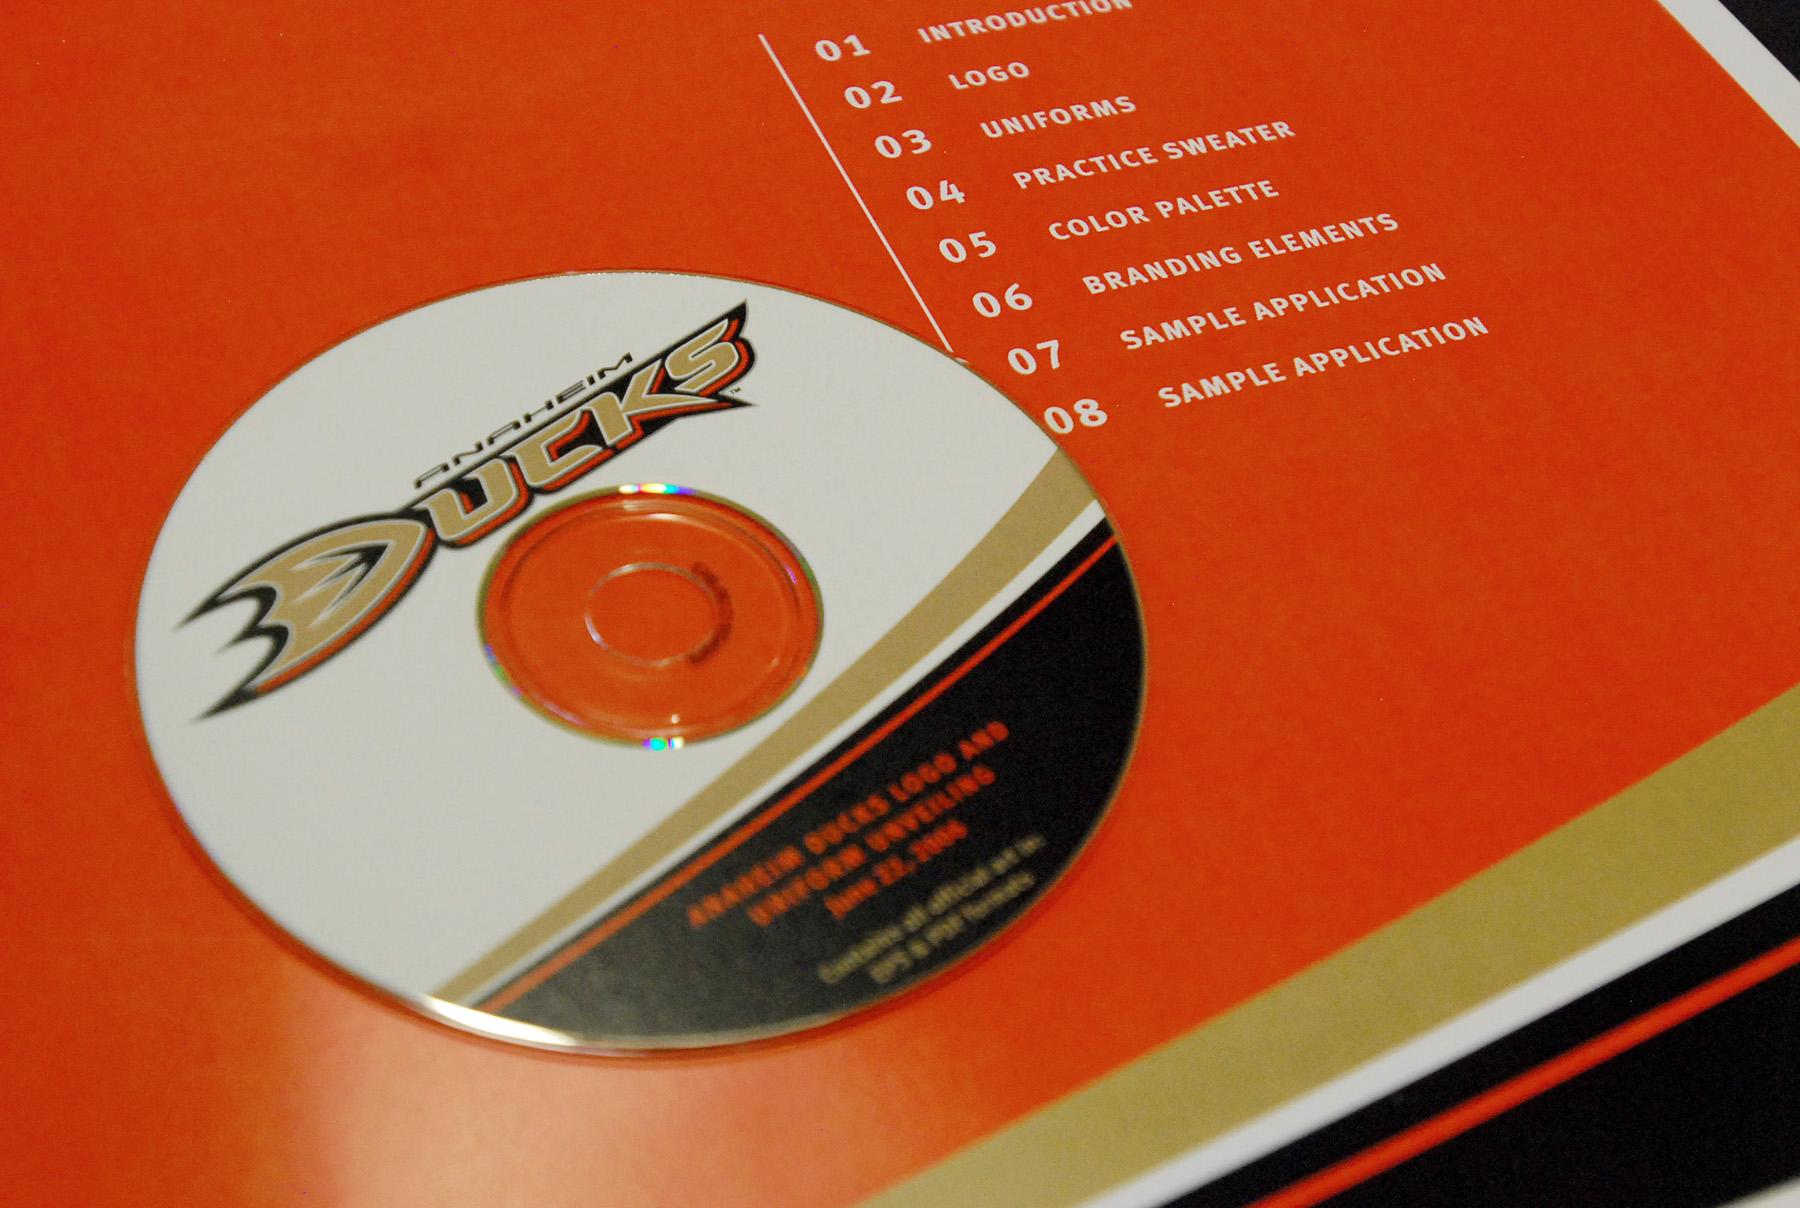 Ducks_StyleGuide_2.jpg